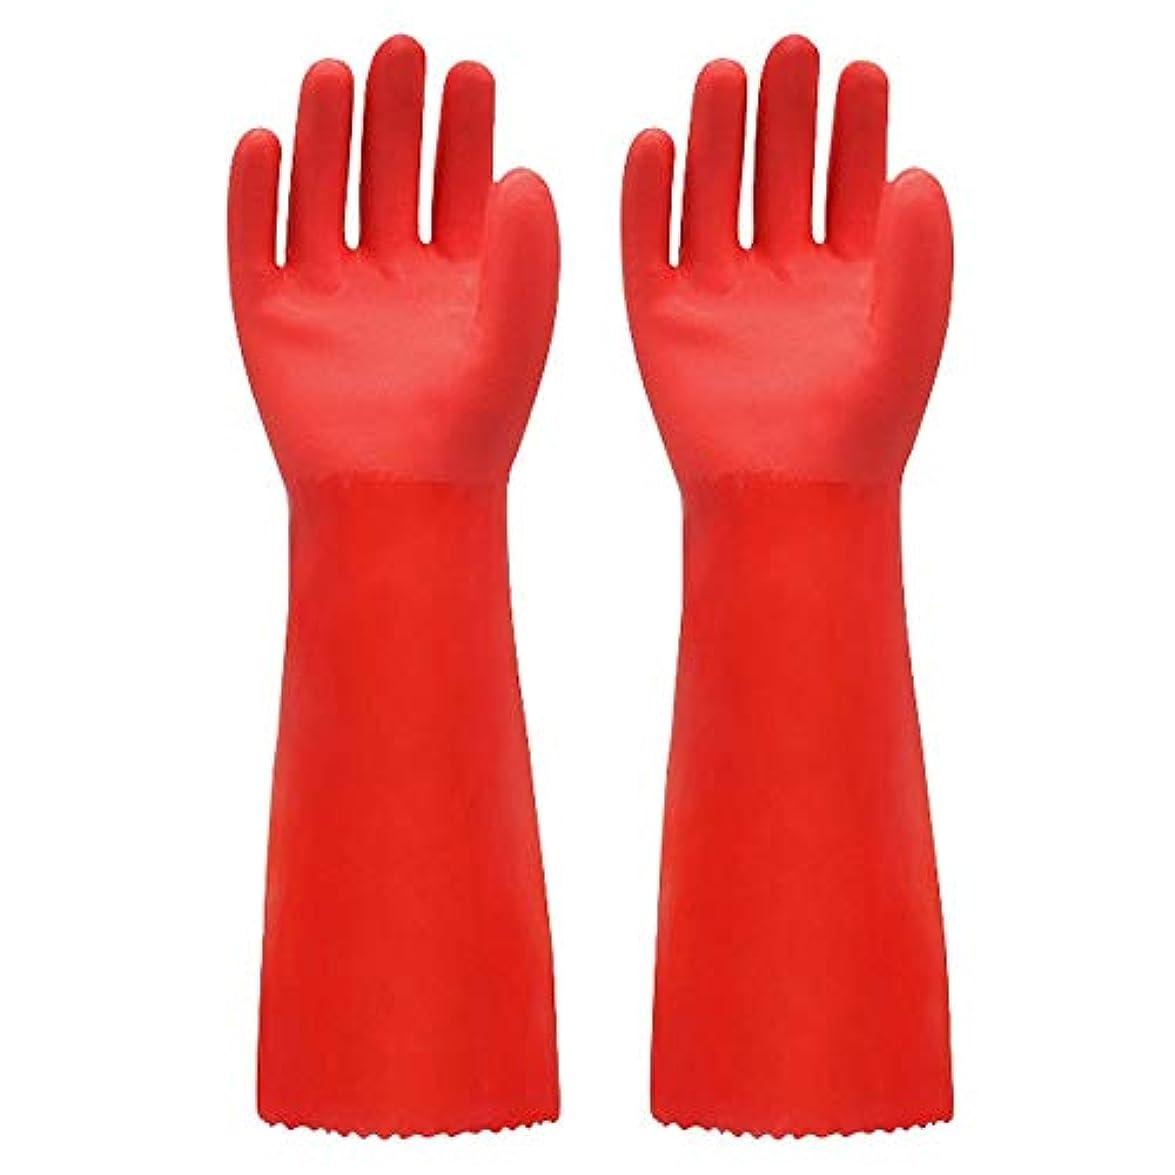 容器消費者熟達ニトリルゴム手袋 ゴム手袋長く暖かいとビロードのゴム製防水と耐久性のある手袋、1ペア 使い捨て手袋 (Color : RED, Size : L)